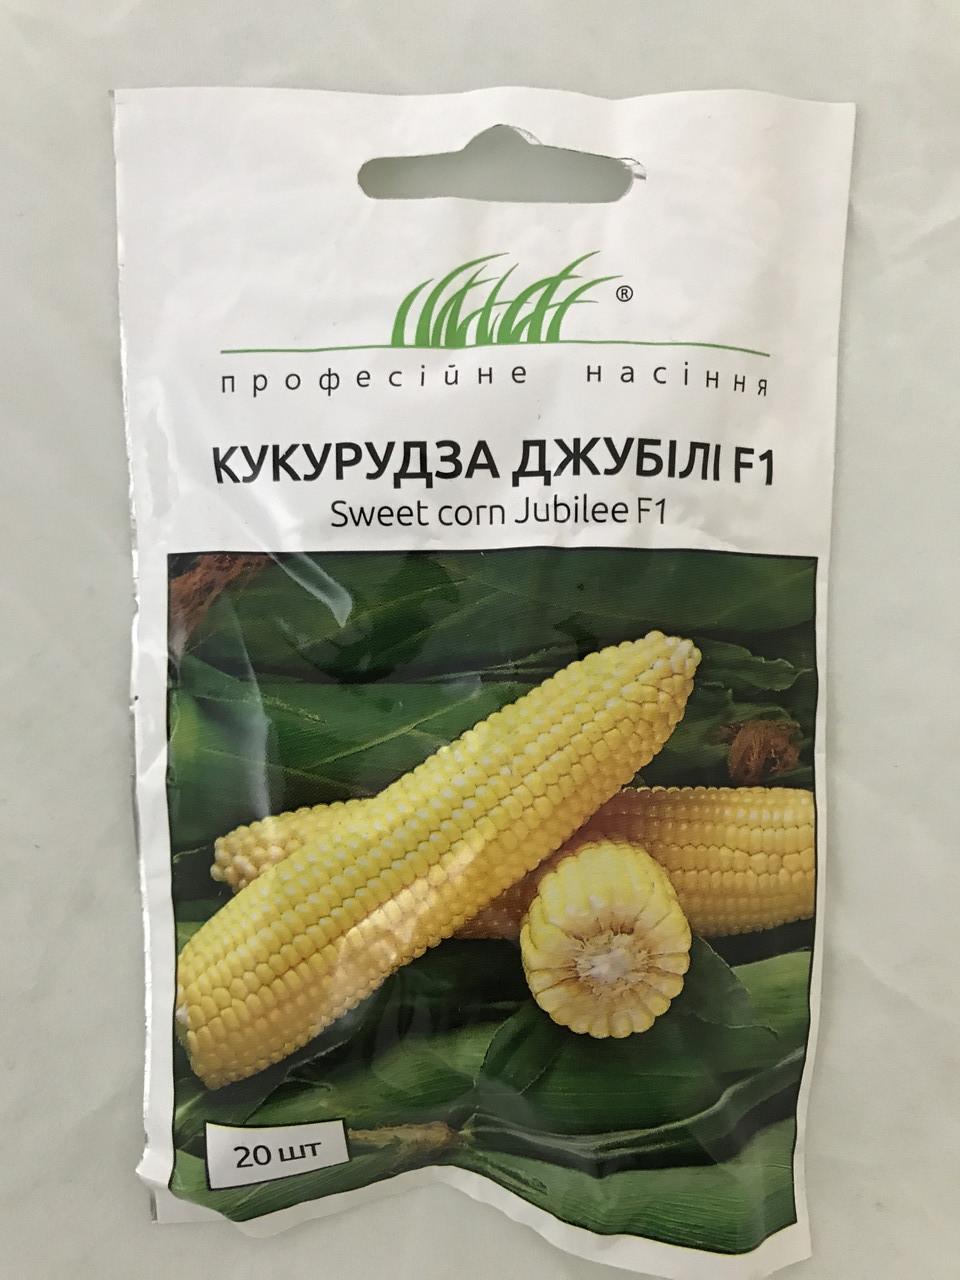 Семена Кукурузы Джубили F1 20 шт. Профессиональные семена 123496